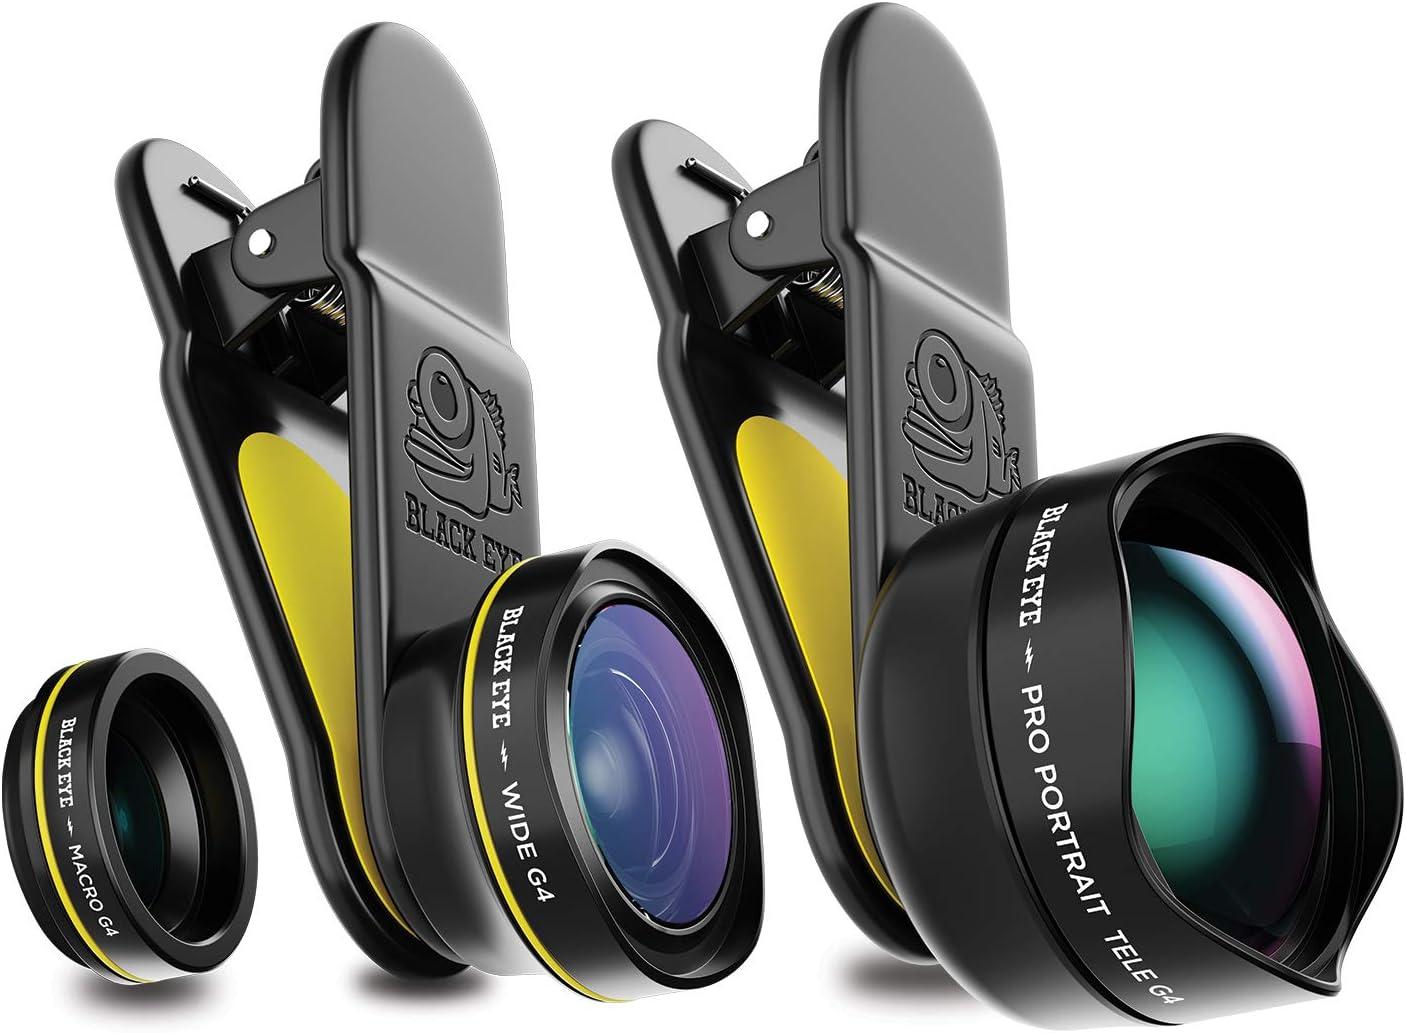 Black Eye Travel Kit G4 con Pro Portrait Tele G4, Macro G4 y Wide G4 (Incluye bolsa de viaje, Fijación universal de clip, Wide Angle de 160°, 15x Macro y 2.5x Tele Lens) - G4TK001